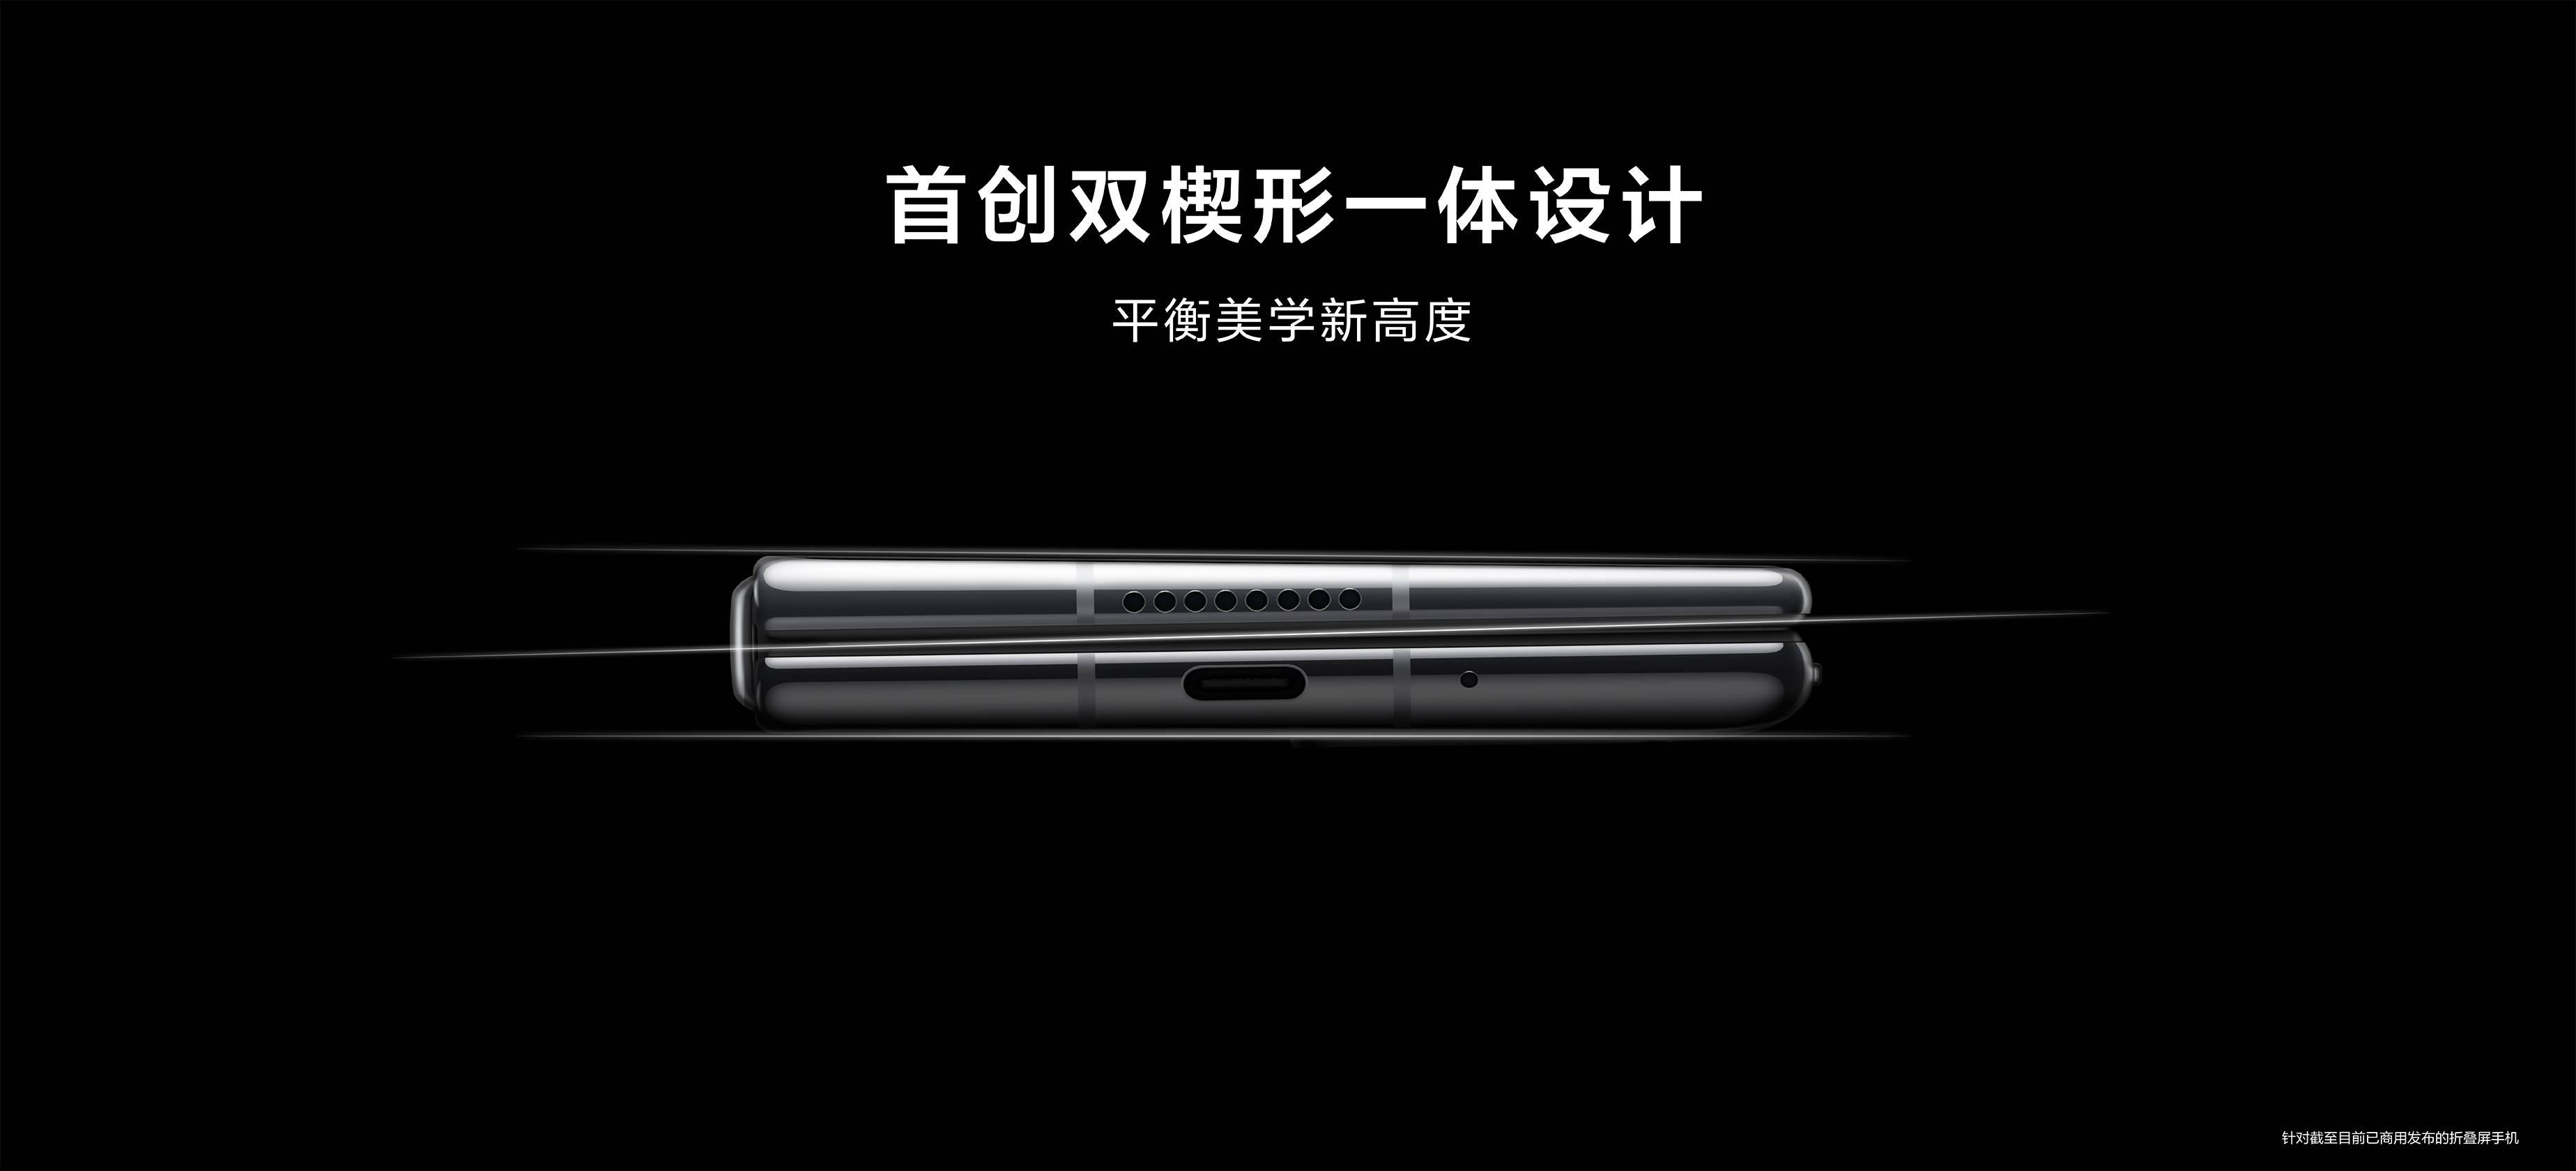 华为发布折叠屏机皇Mate X2:首批升级鸿蒙OS,起售价17999元